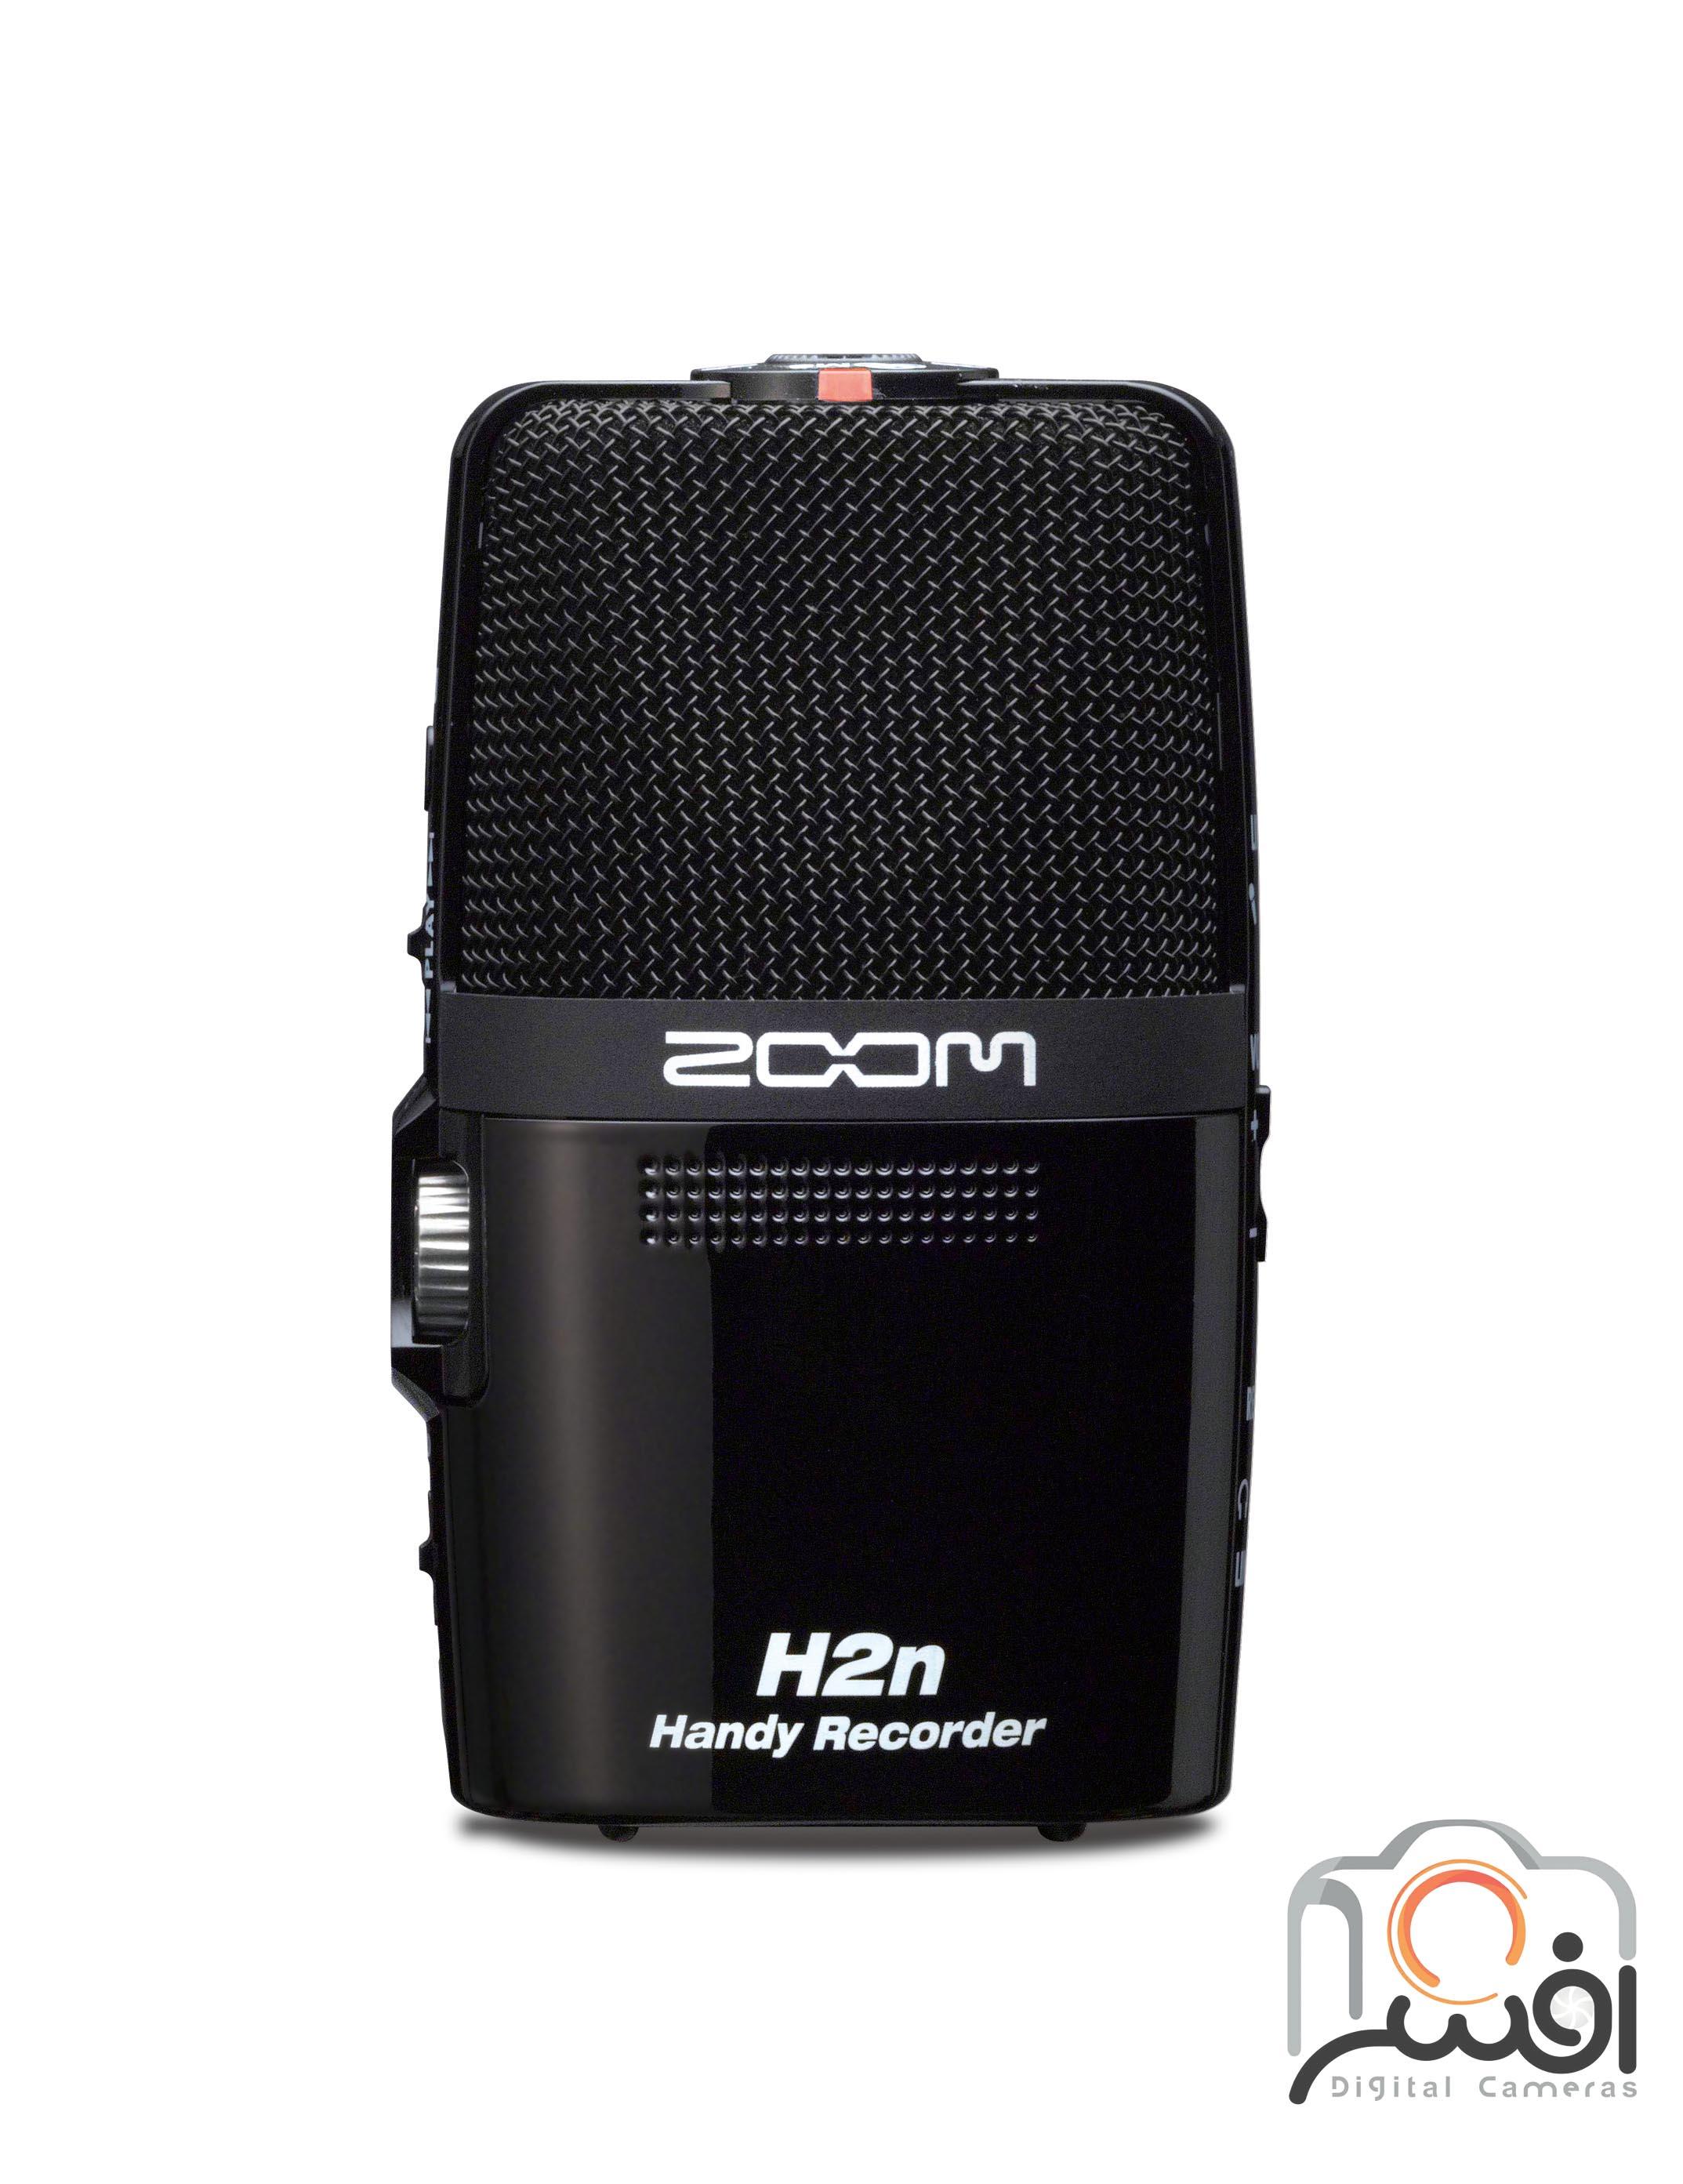 رکوردر دستی Zoom H2next